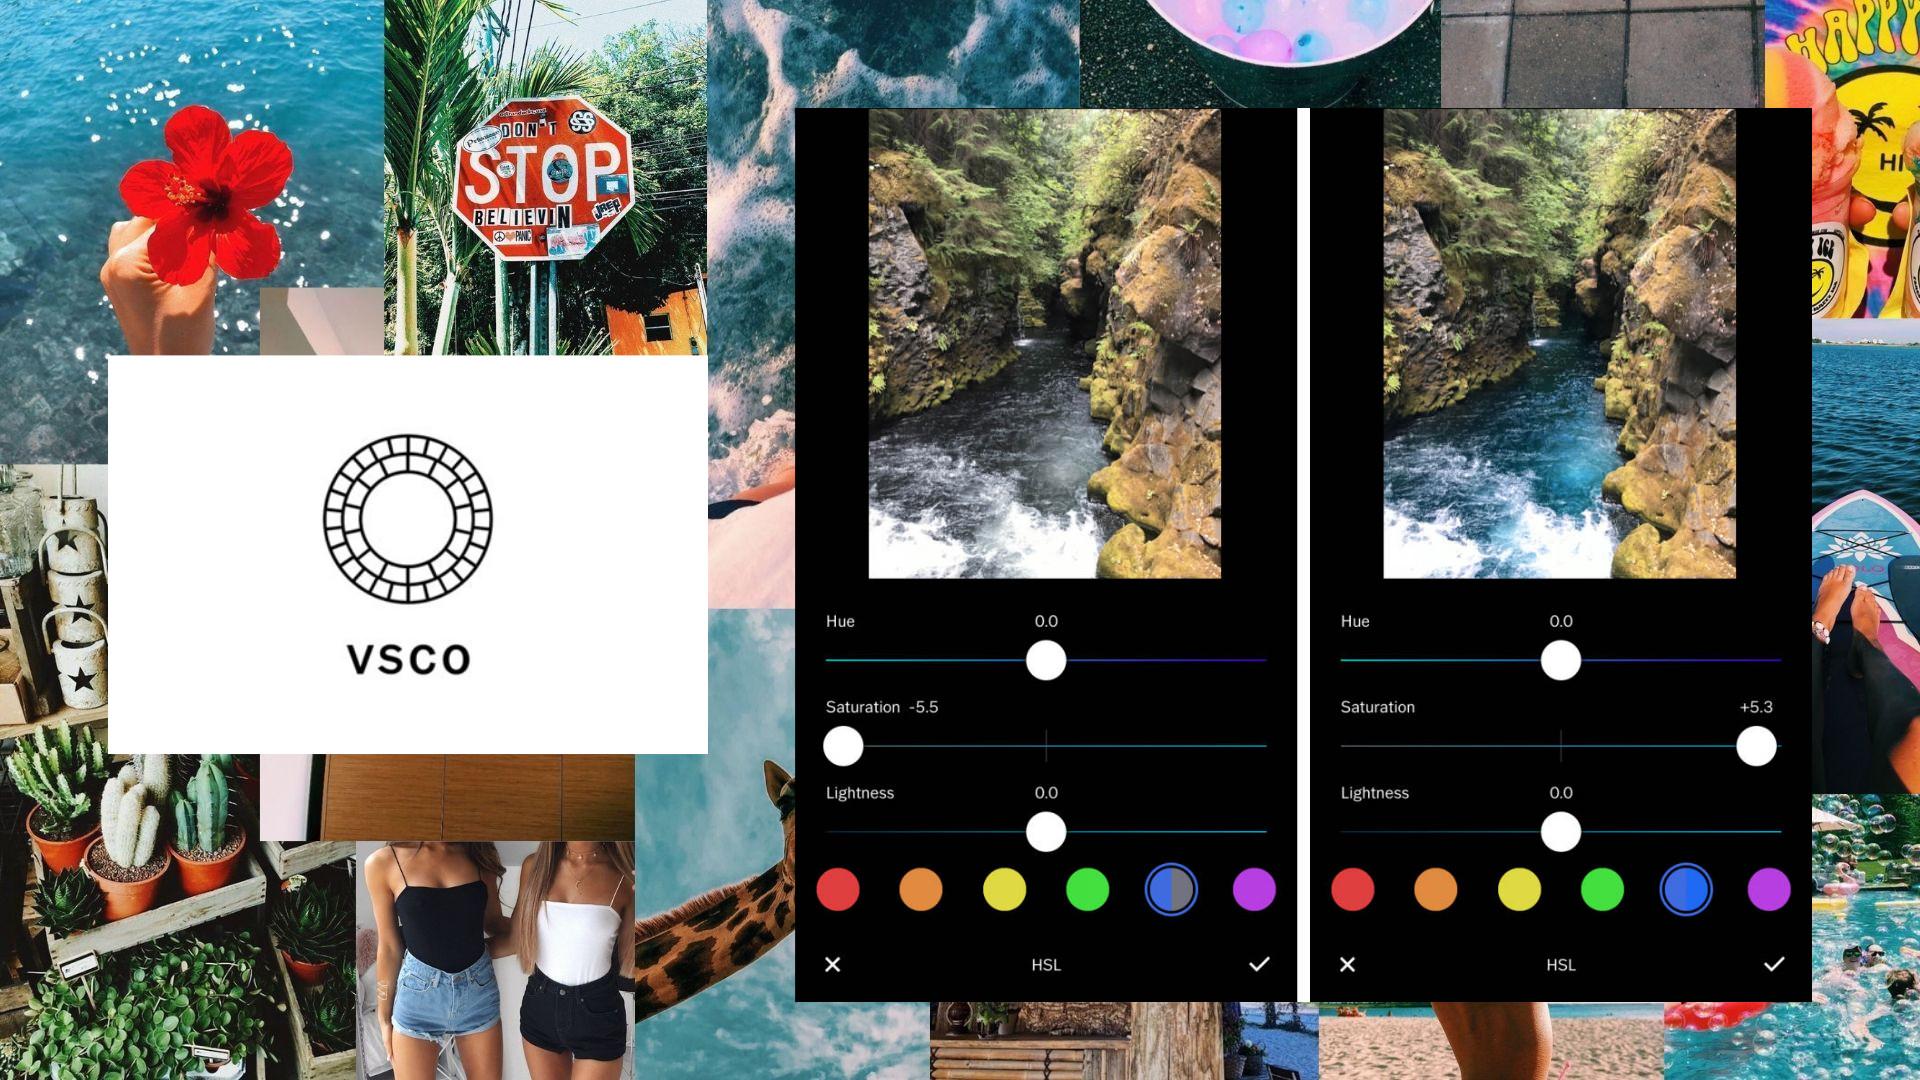 App chụp ảnh đẹp chuyên nghiệp - VSCO